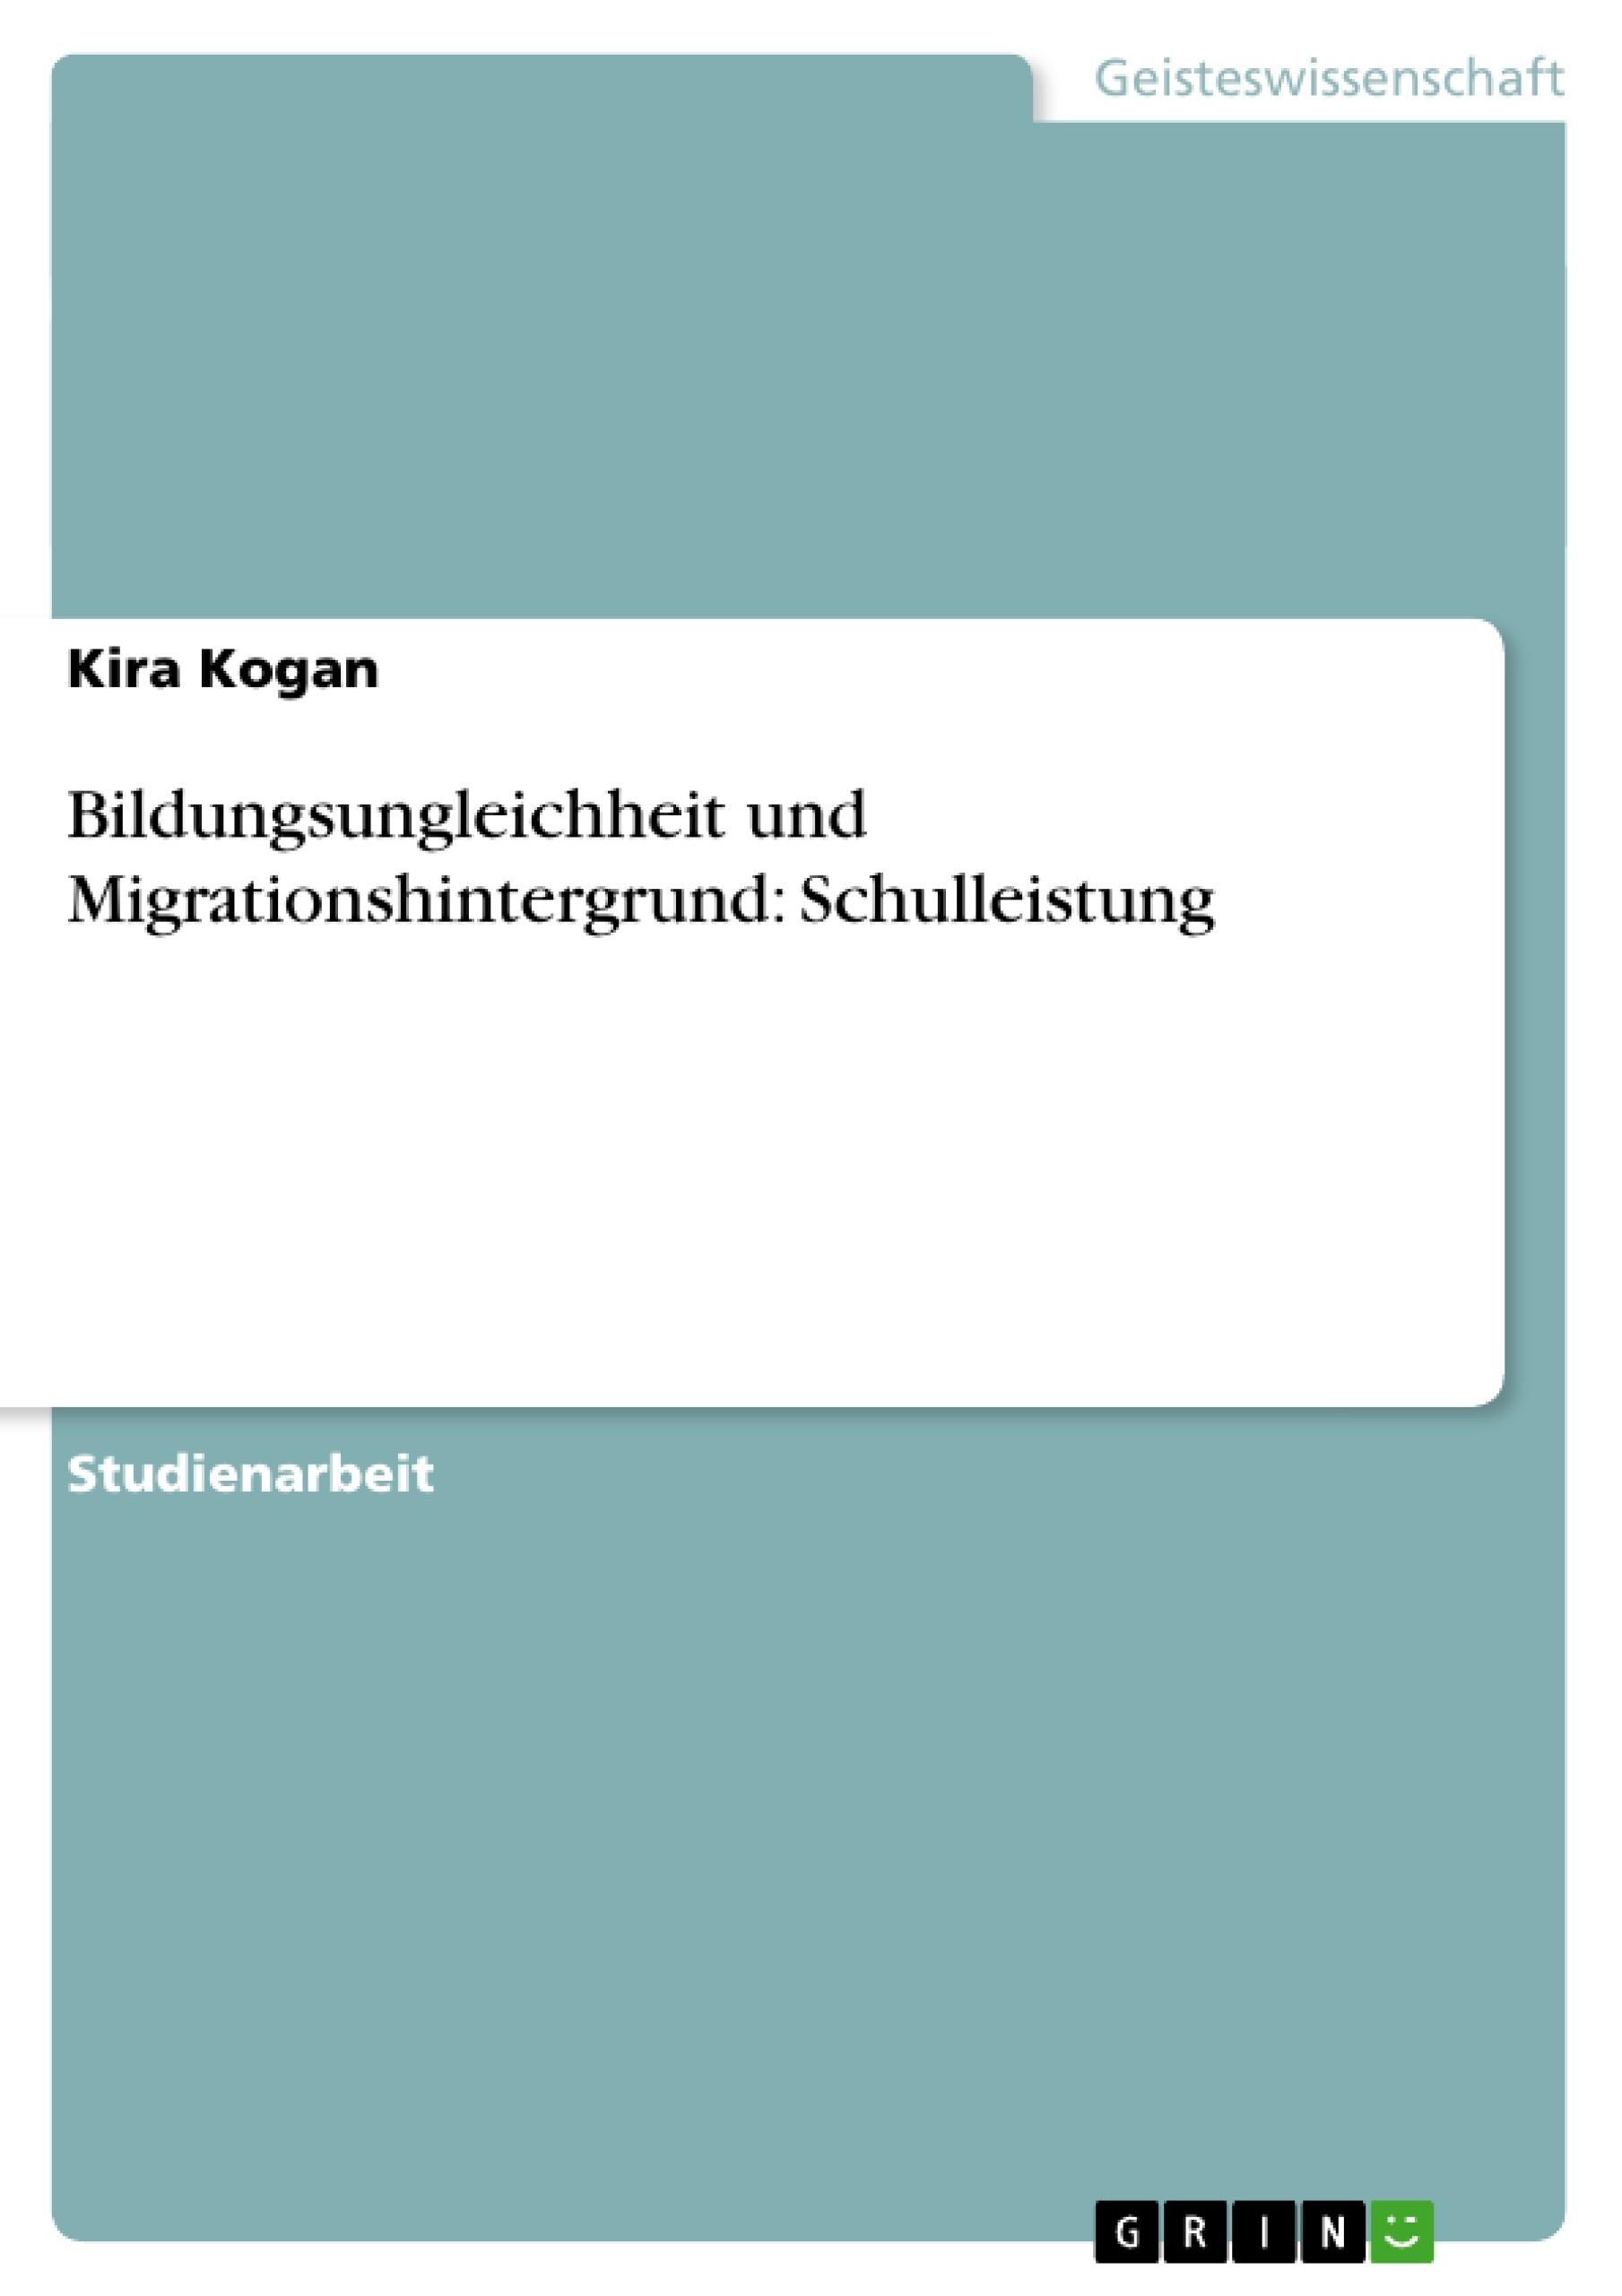 Titel: Bildungsungleichheit und Migrationshintergrund: Schulleistung